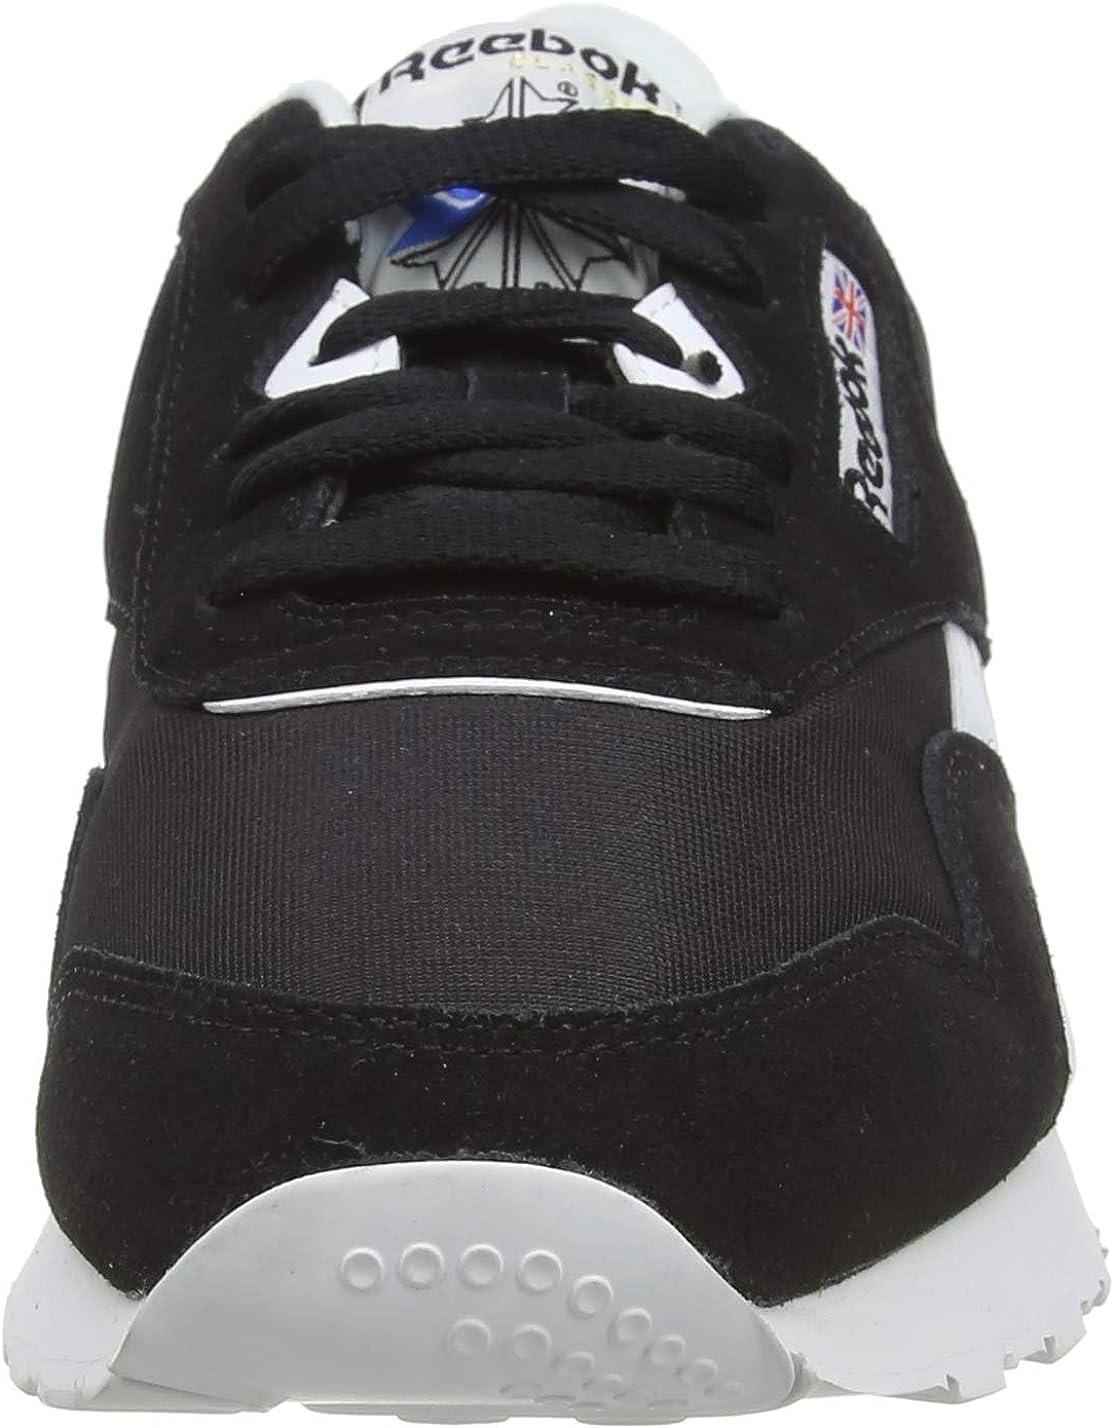 Reebok Damen Cl Nylon Sneakers Schwarz Black White Tb6G6